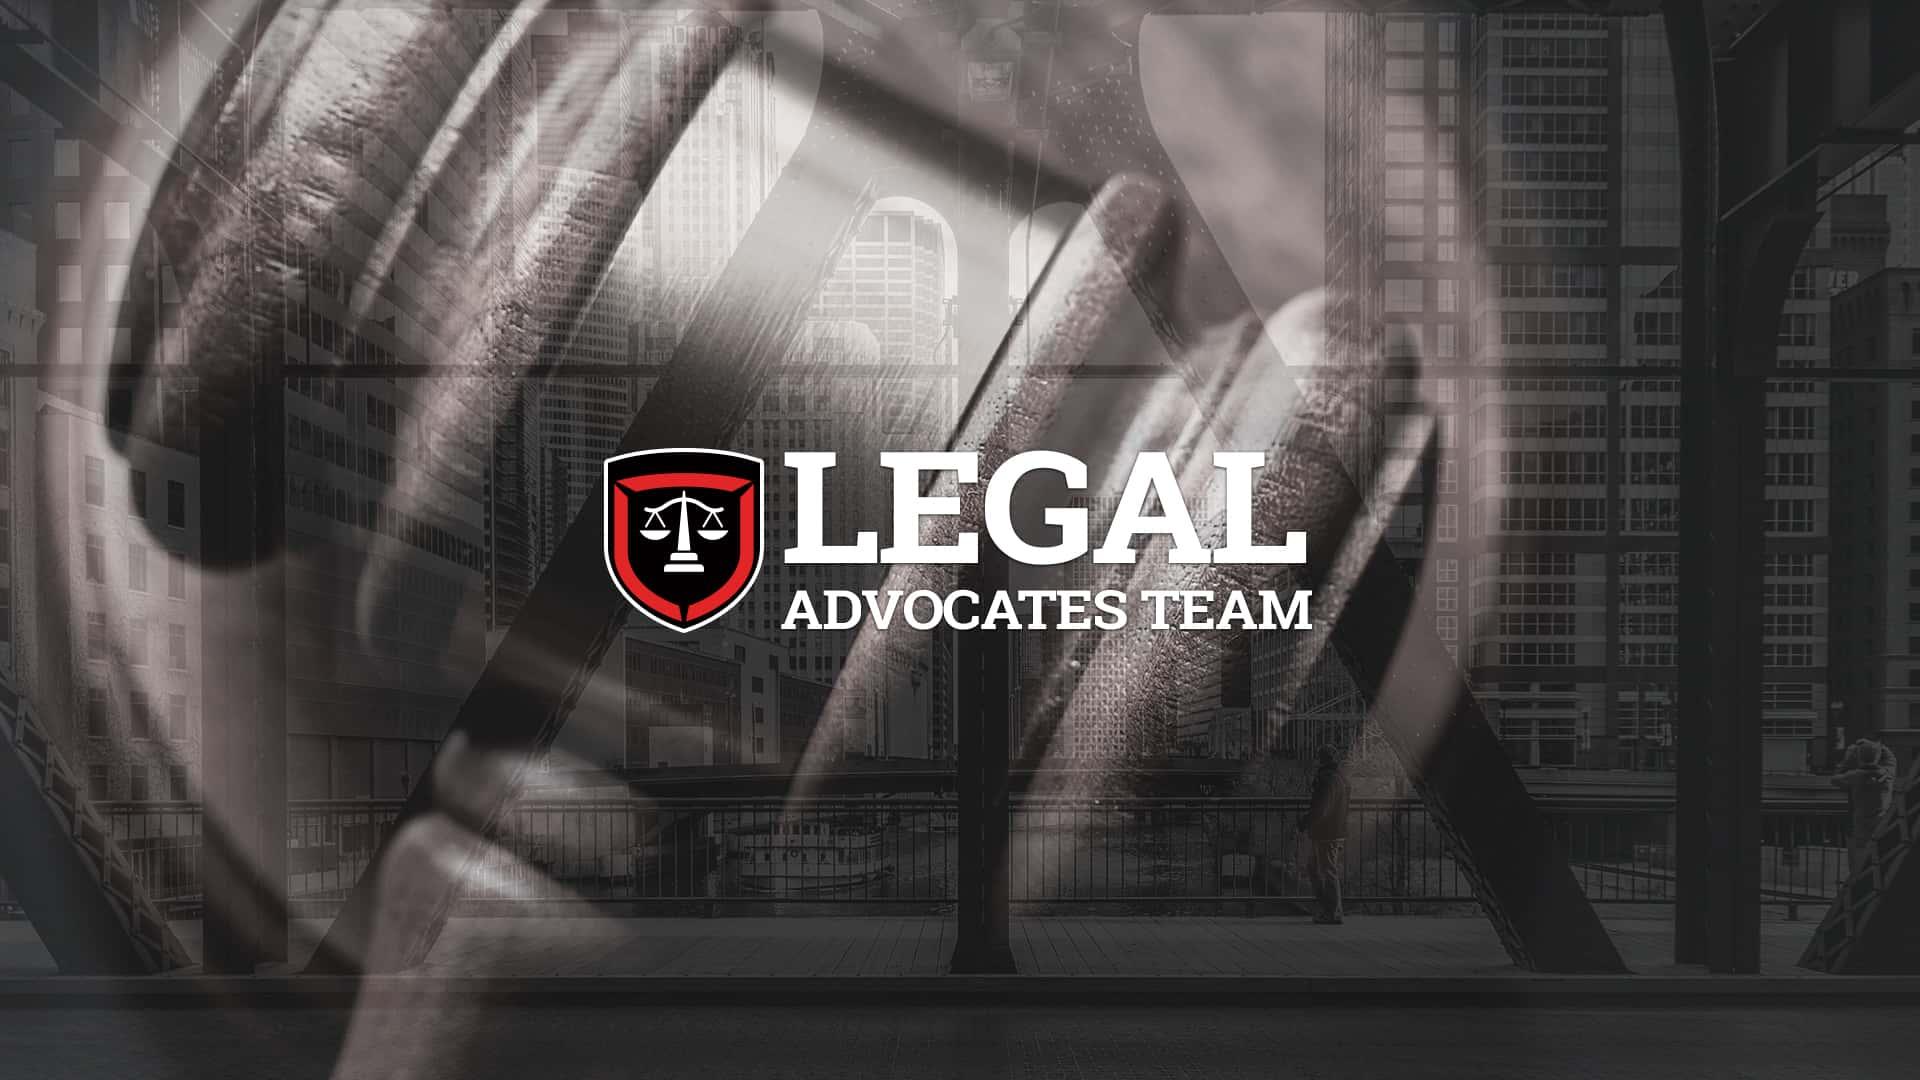 legal_advocates_team